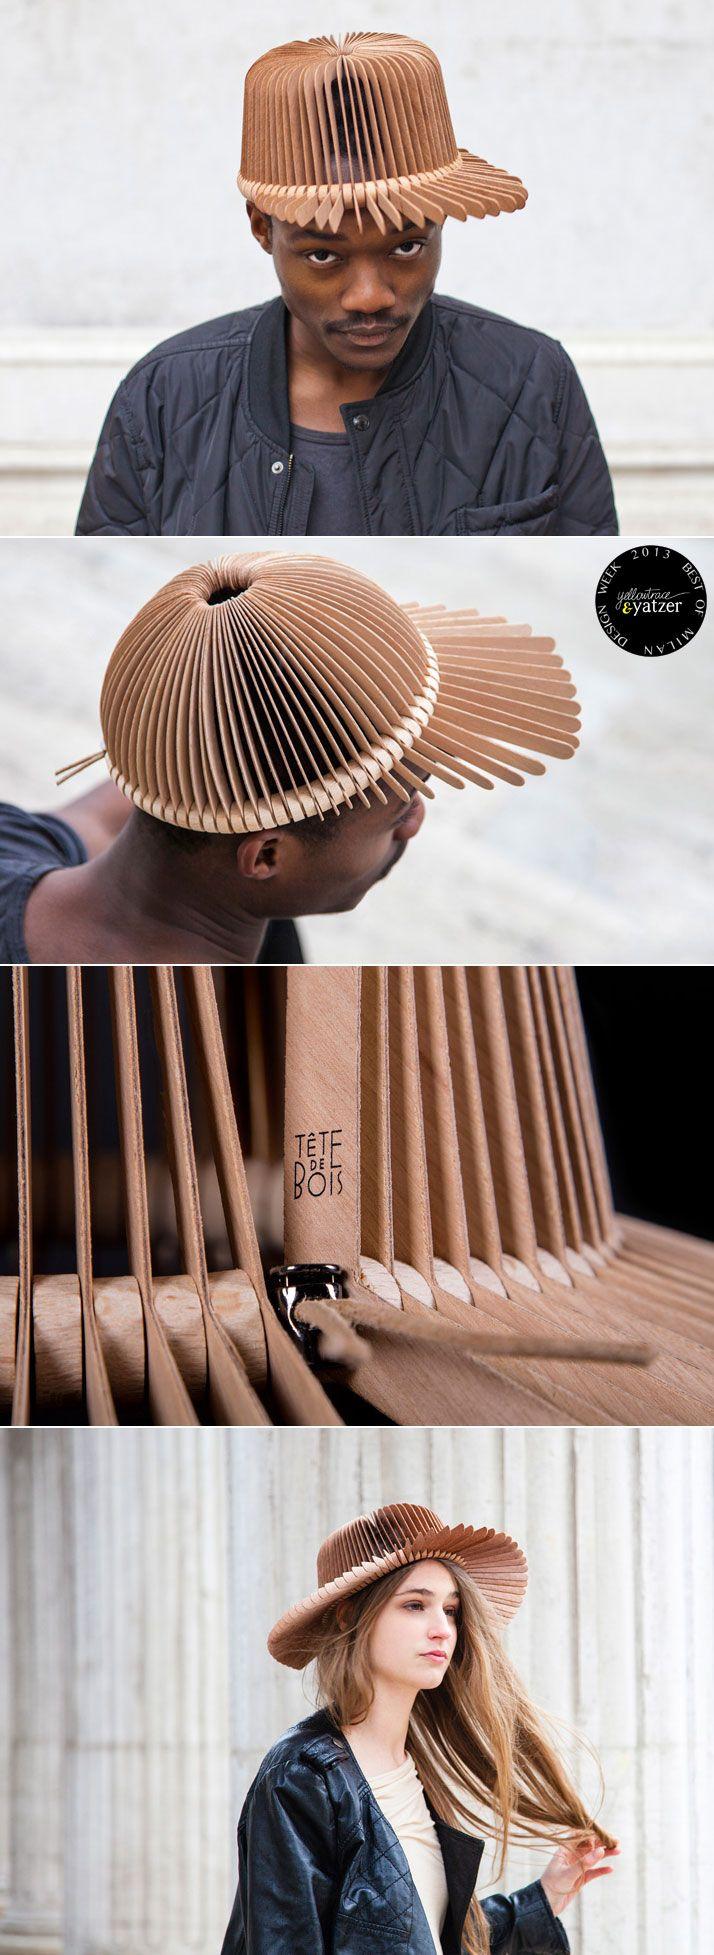 BEST OF MILAN DESIGN WEEK 2013 | Yatzer.Design wooden headwear by Andrea Deppieri for Tête de bois